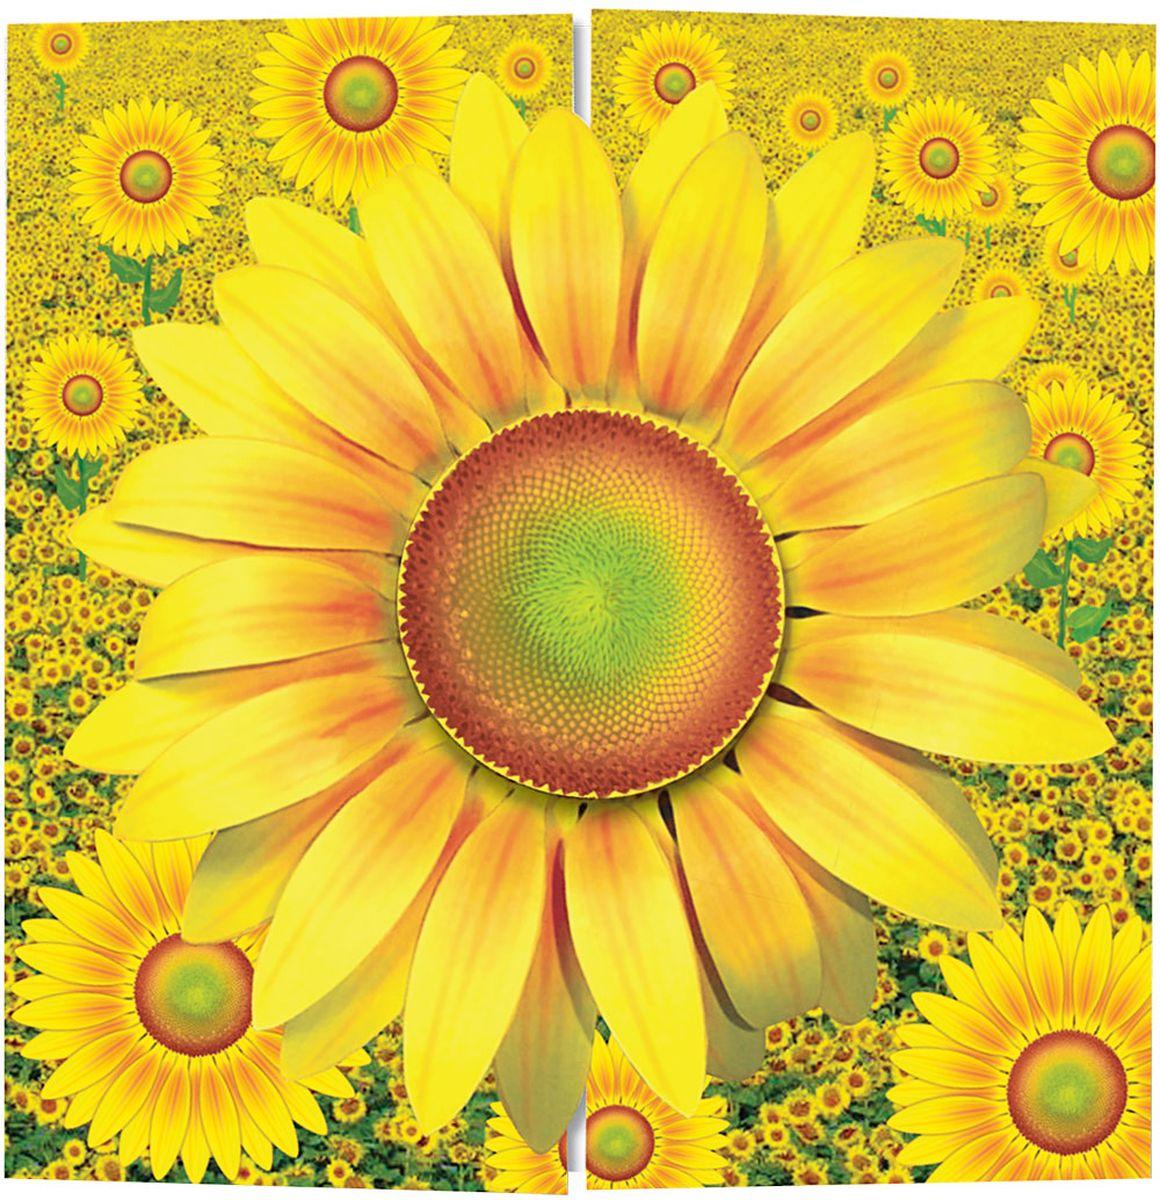 найдете картинки с солнышком и цветами в цветном рисунке это единственное полезное